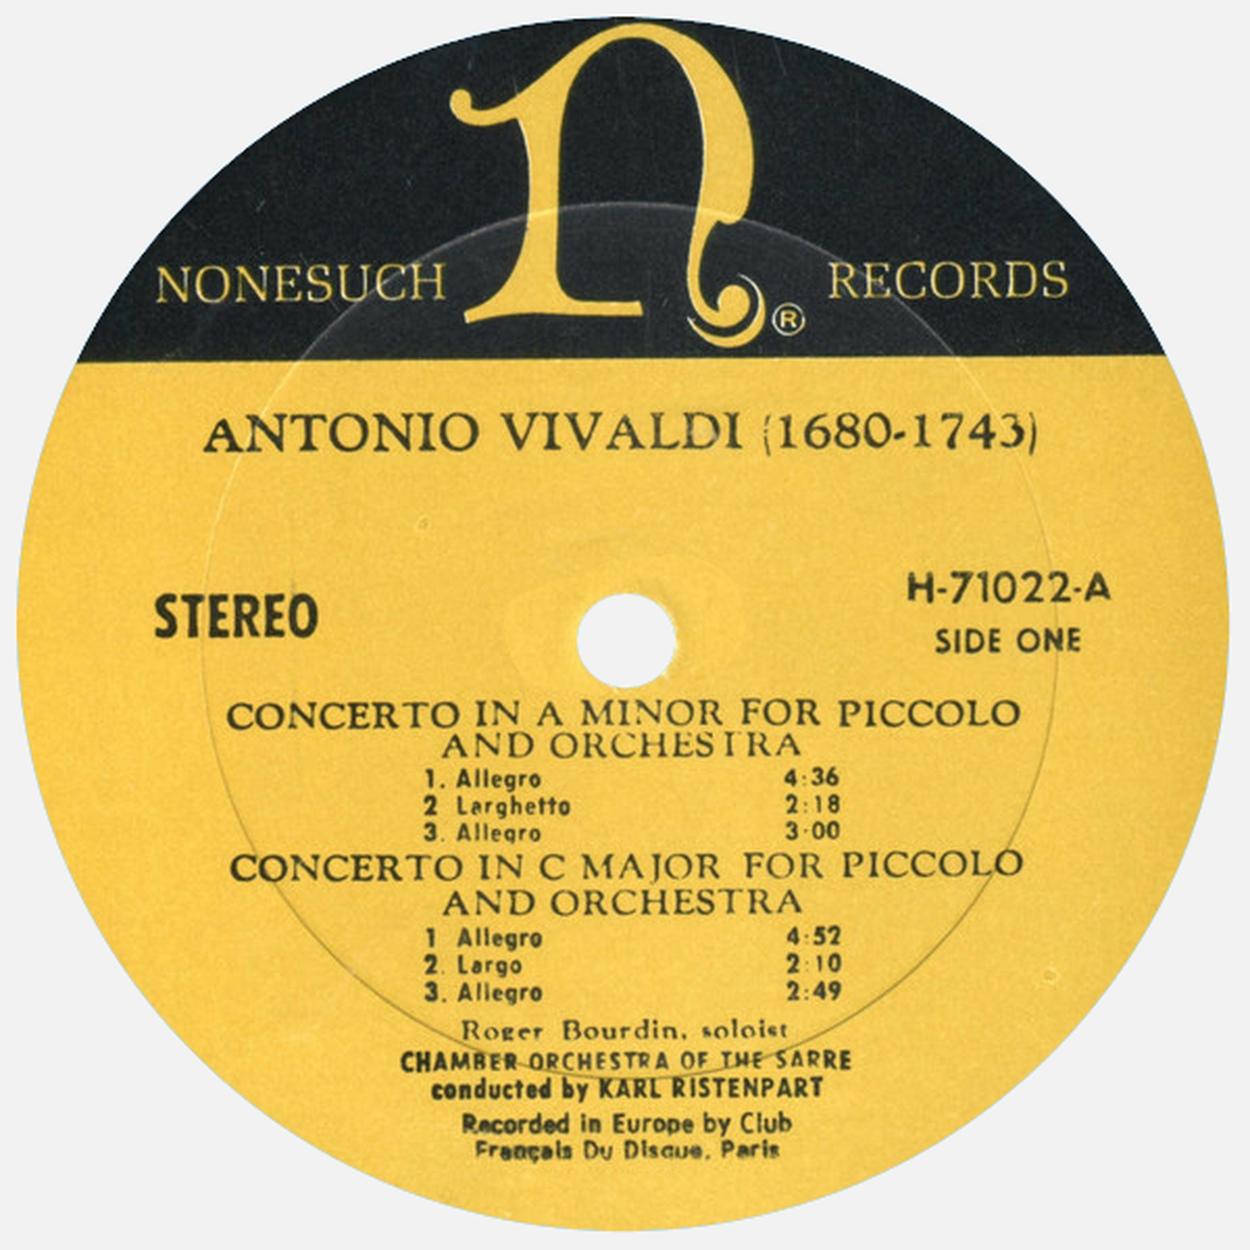 Étiquette recto du disque Nonesuch H 71022, Cliquer sur la photo pour une vue agrandie